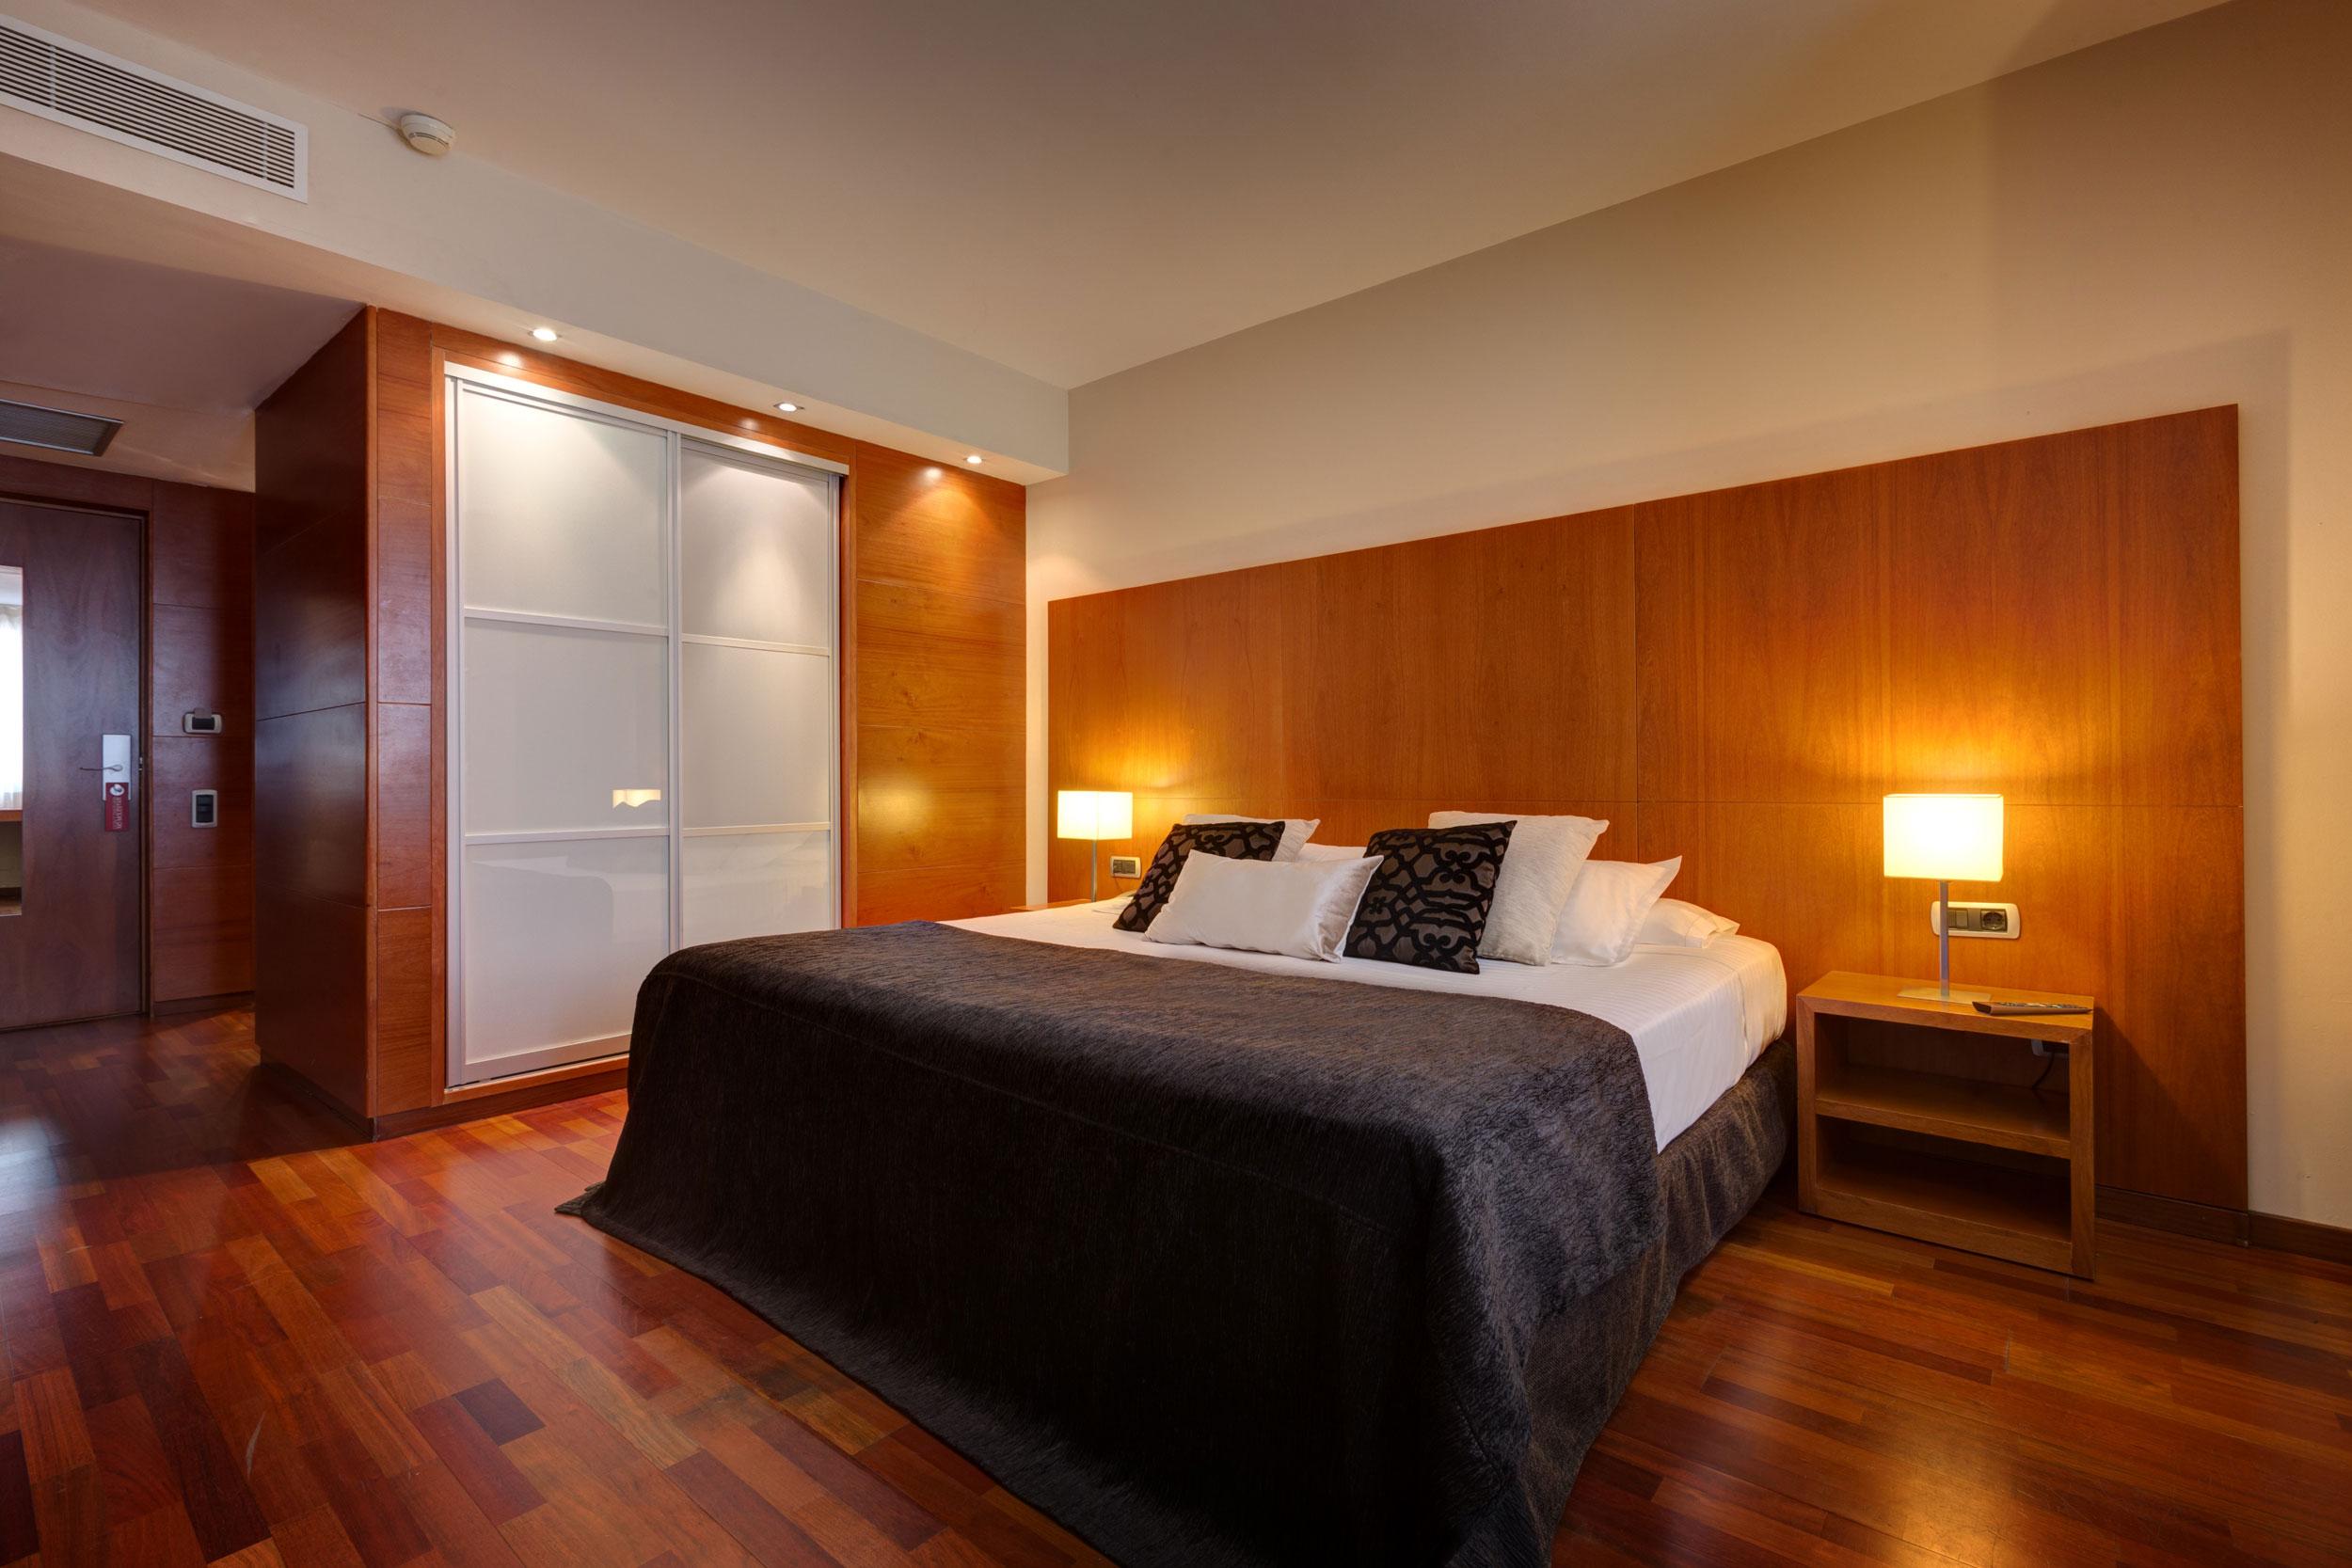 habitaciones hotel acevi villarroel barcelona